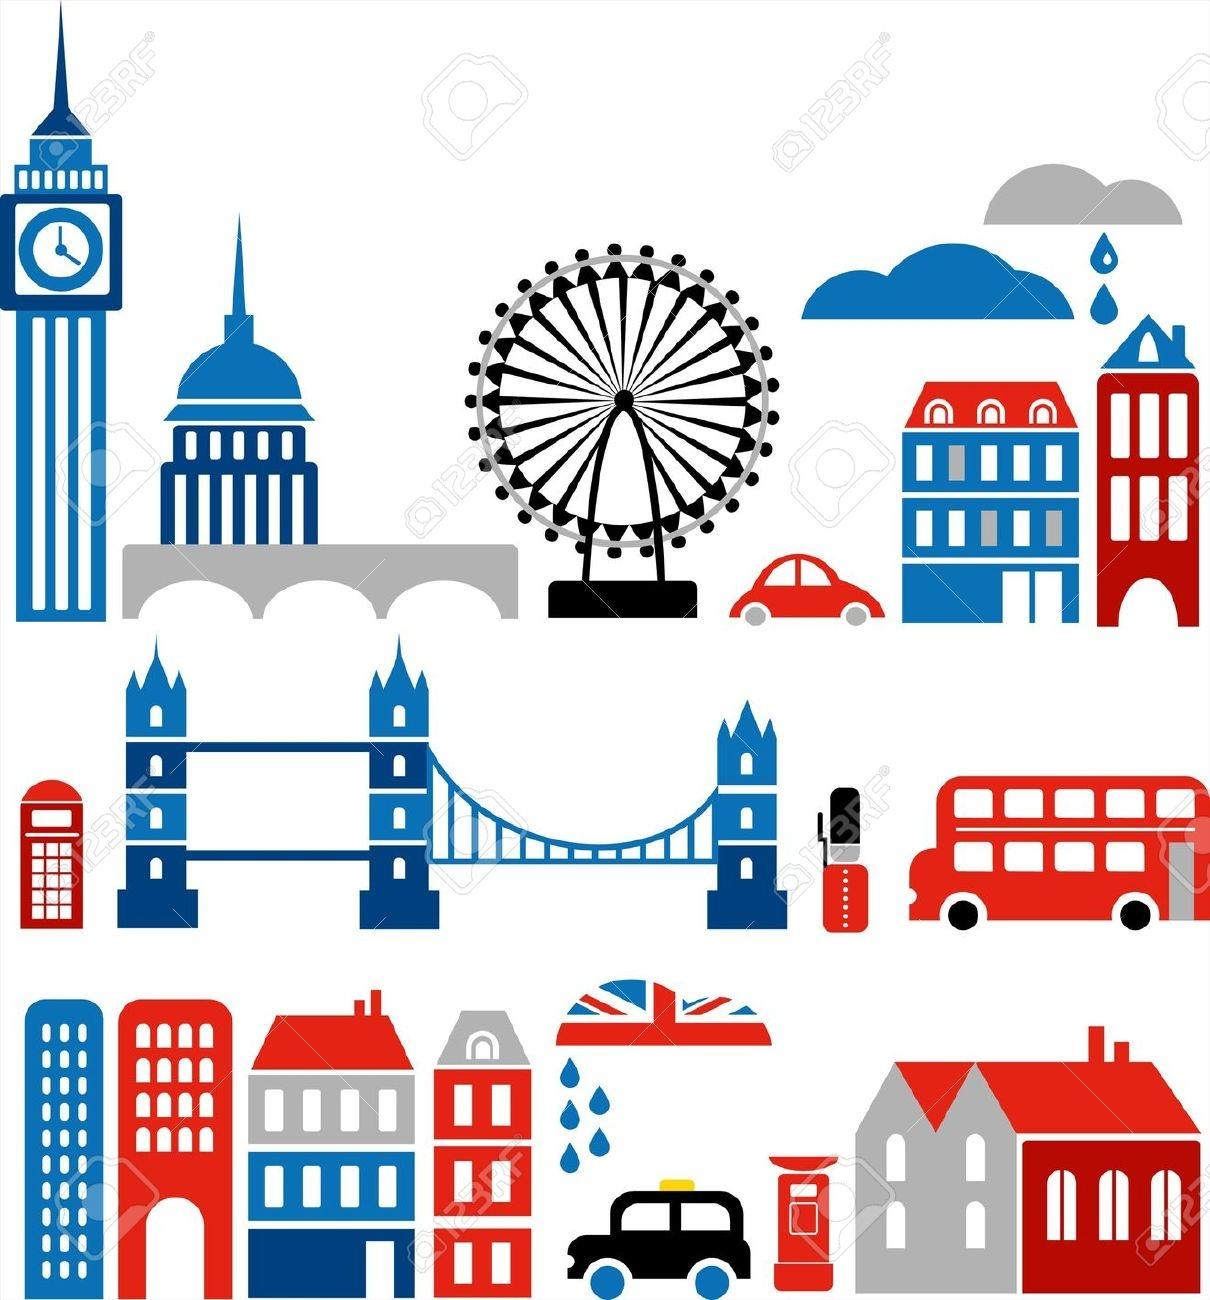 London Building Clipart.